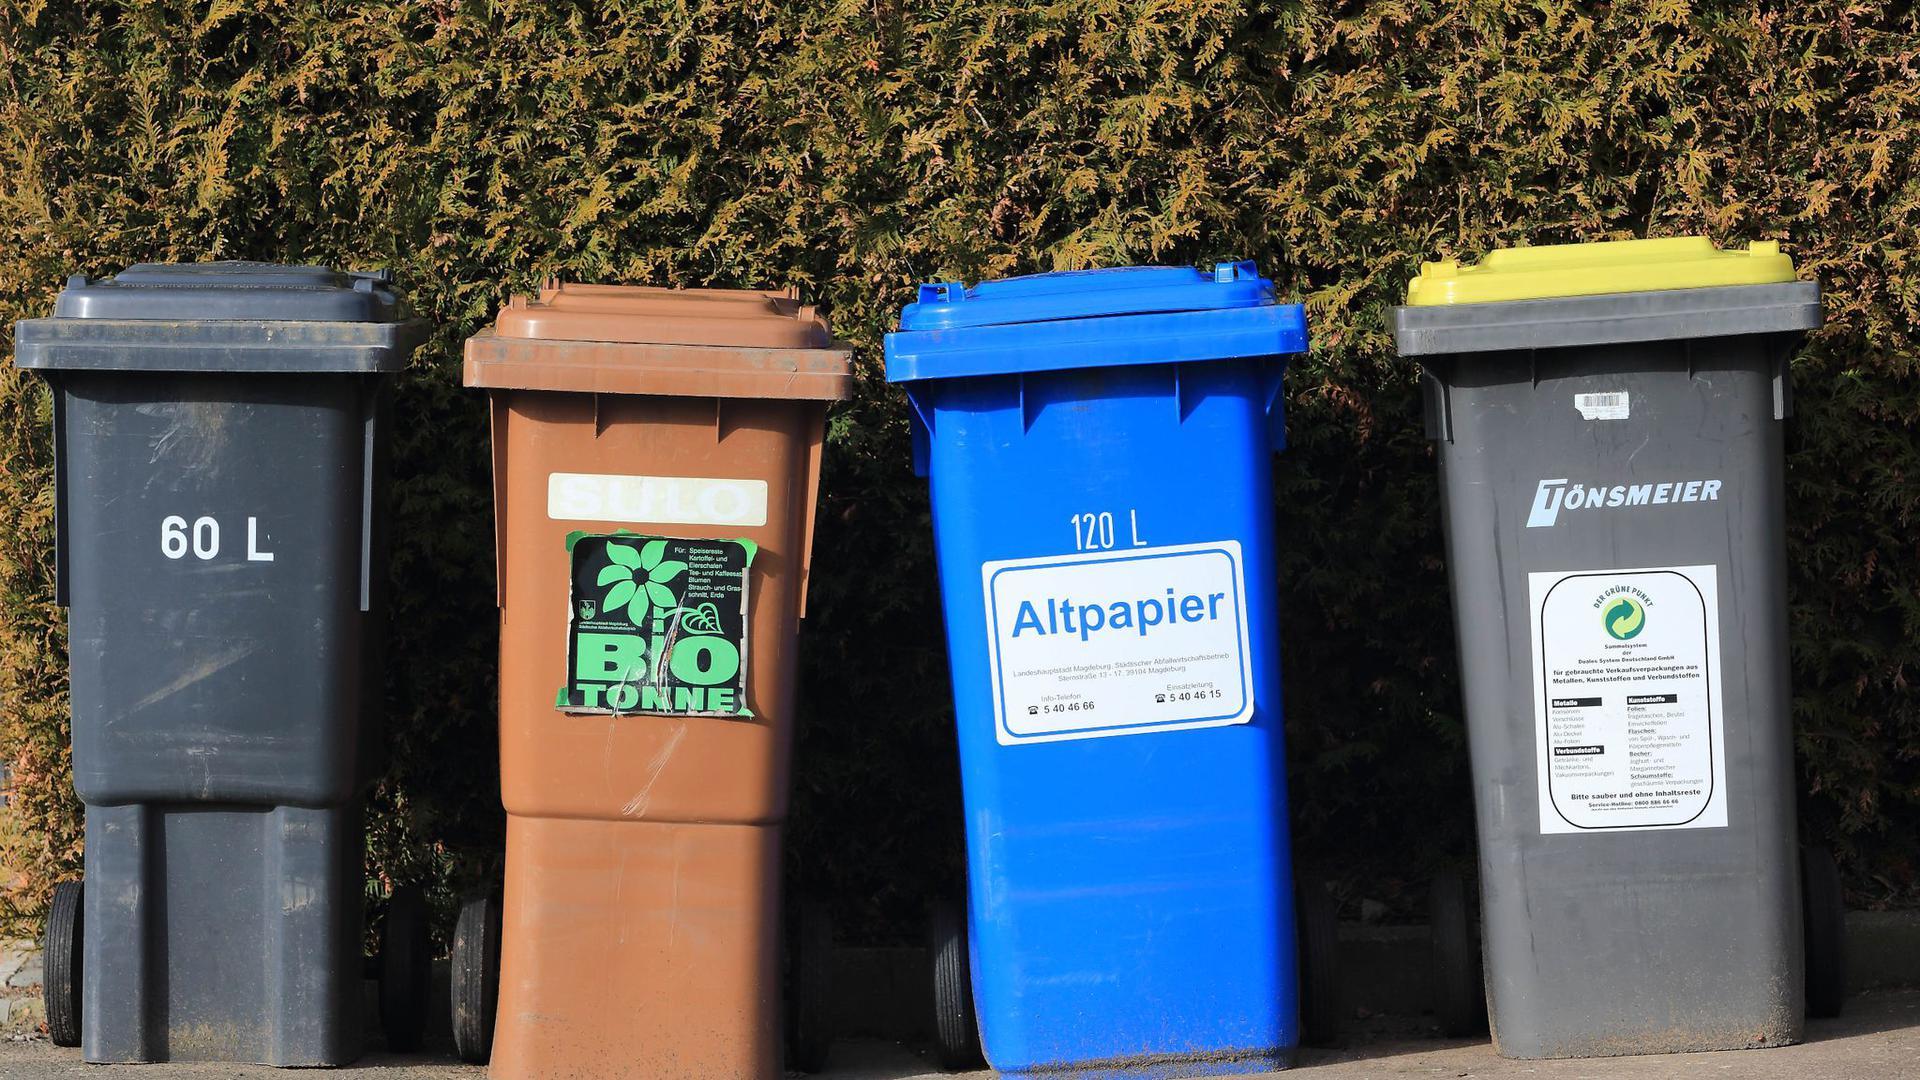 """""""Wir trennen gut, aber eben nicht sehr gut"""": Tonnen für Hausmüll, Bioabfälle, Altpapier und Wertstoffe."""